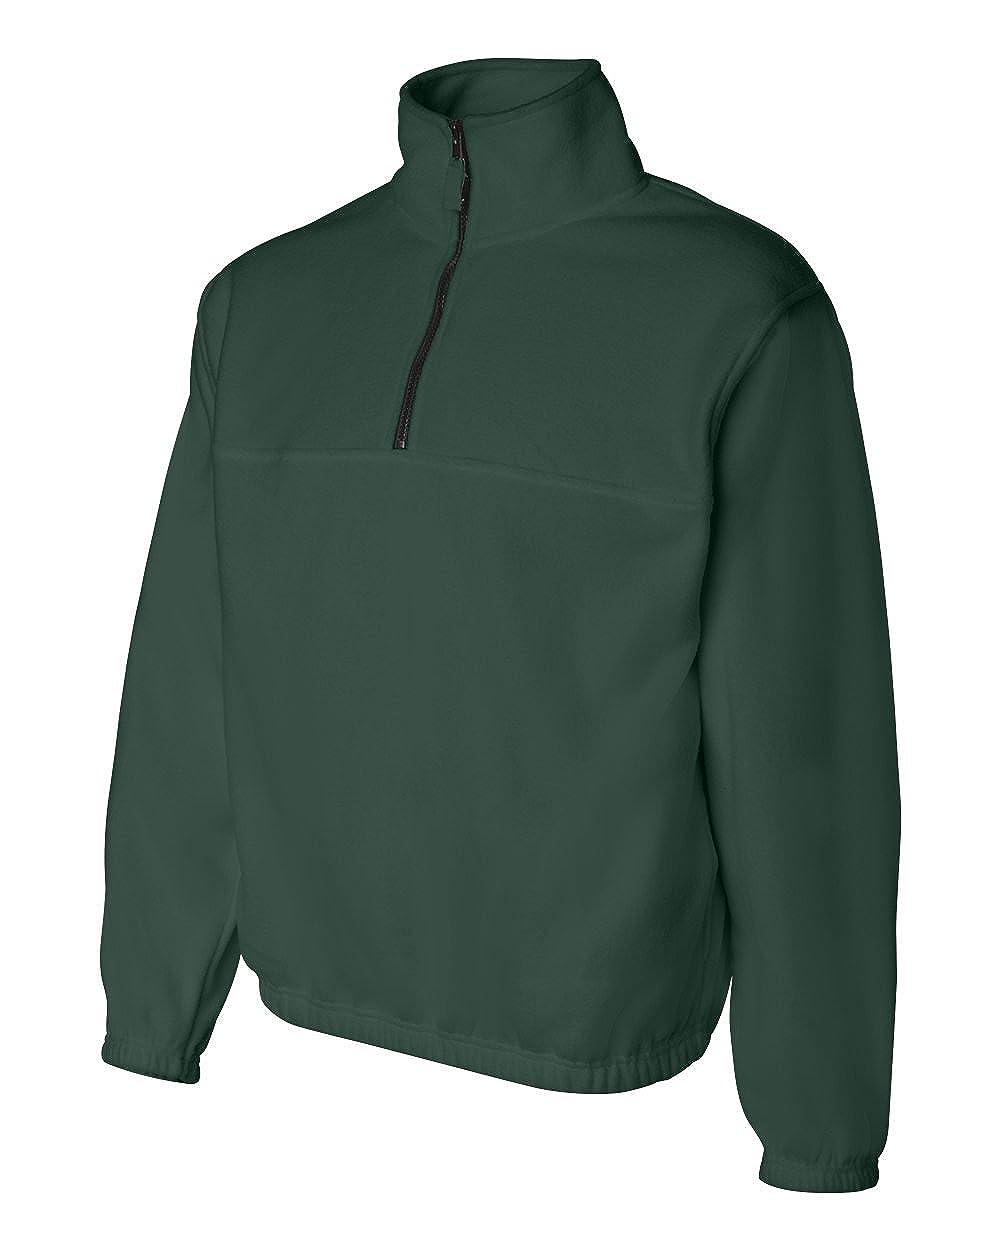 Sierra Pacific Adult Quarter Zip Poly Fleece Pullover